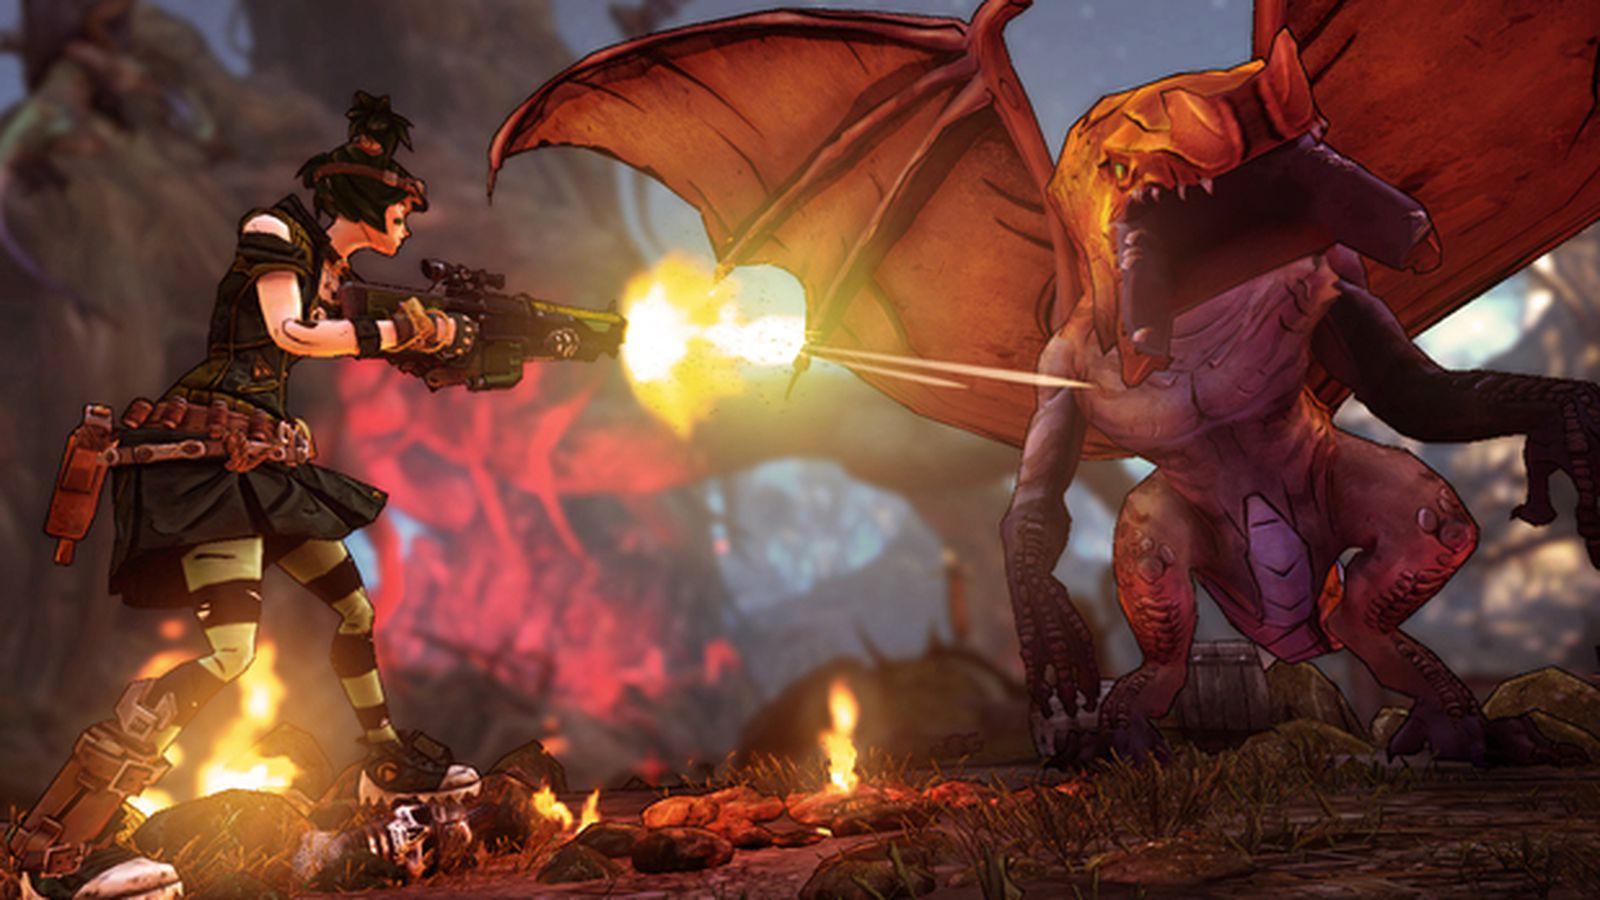 Borderlands 2 DLC Tiny Tina's Assault on Dragon Keep intro